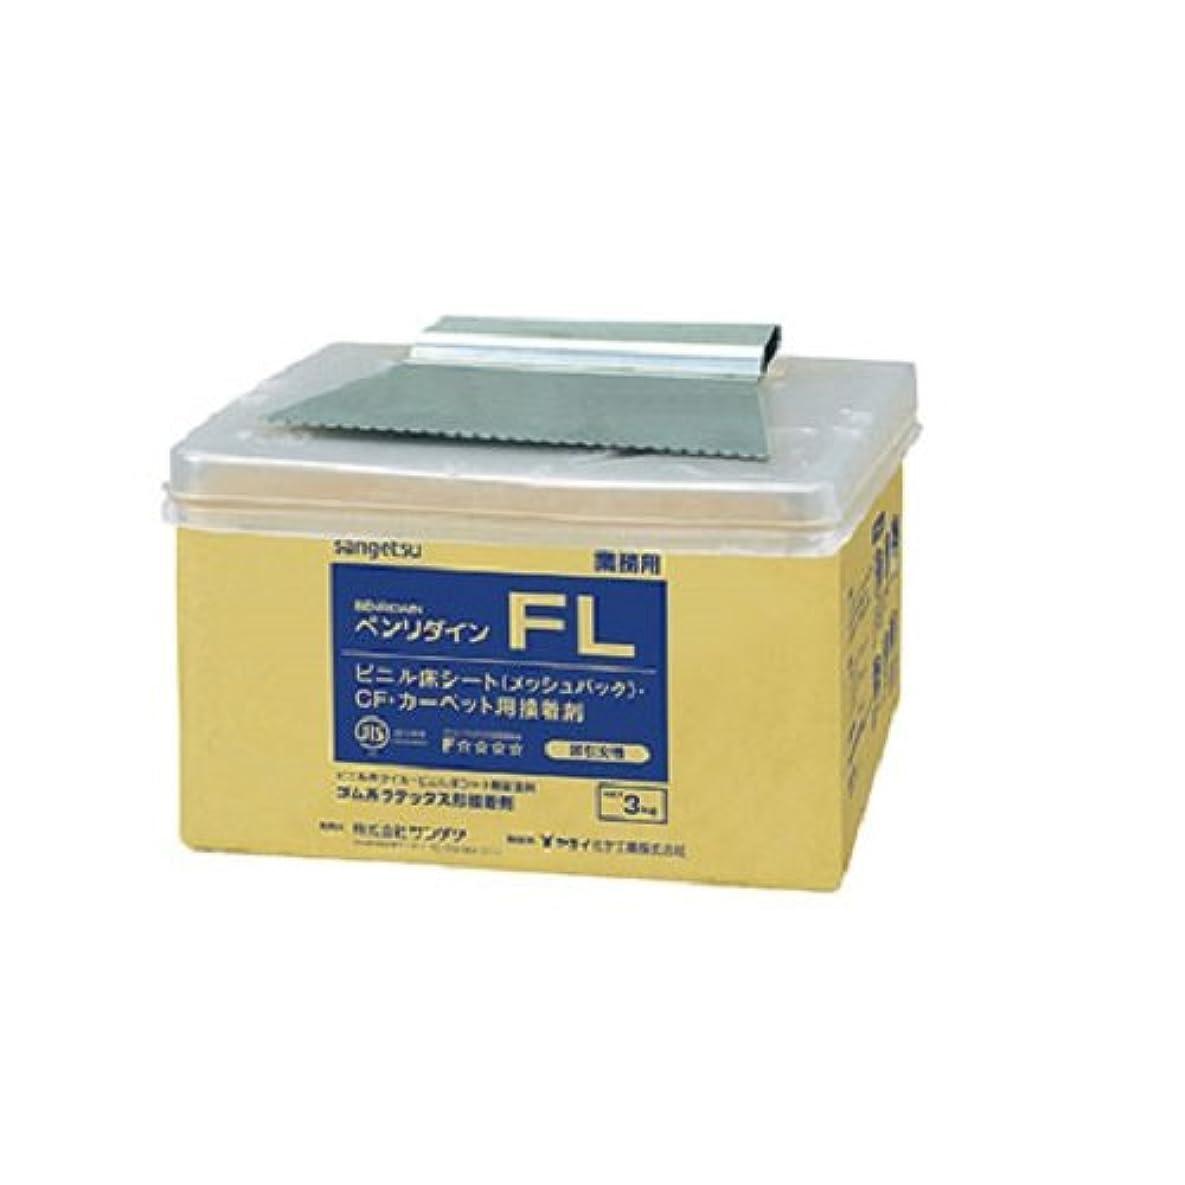 急性ディレイ私達サンゲツ クッションフロア/コンポジションタイル/カーペット用接着剤 白色 FL(3kg) BB523